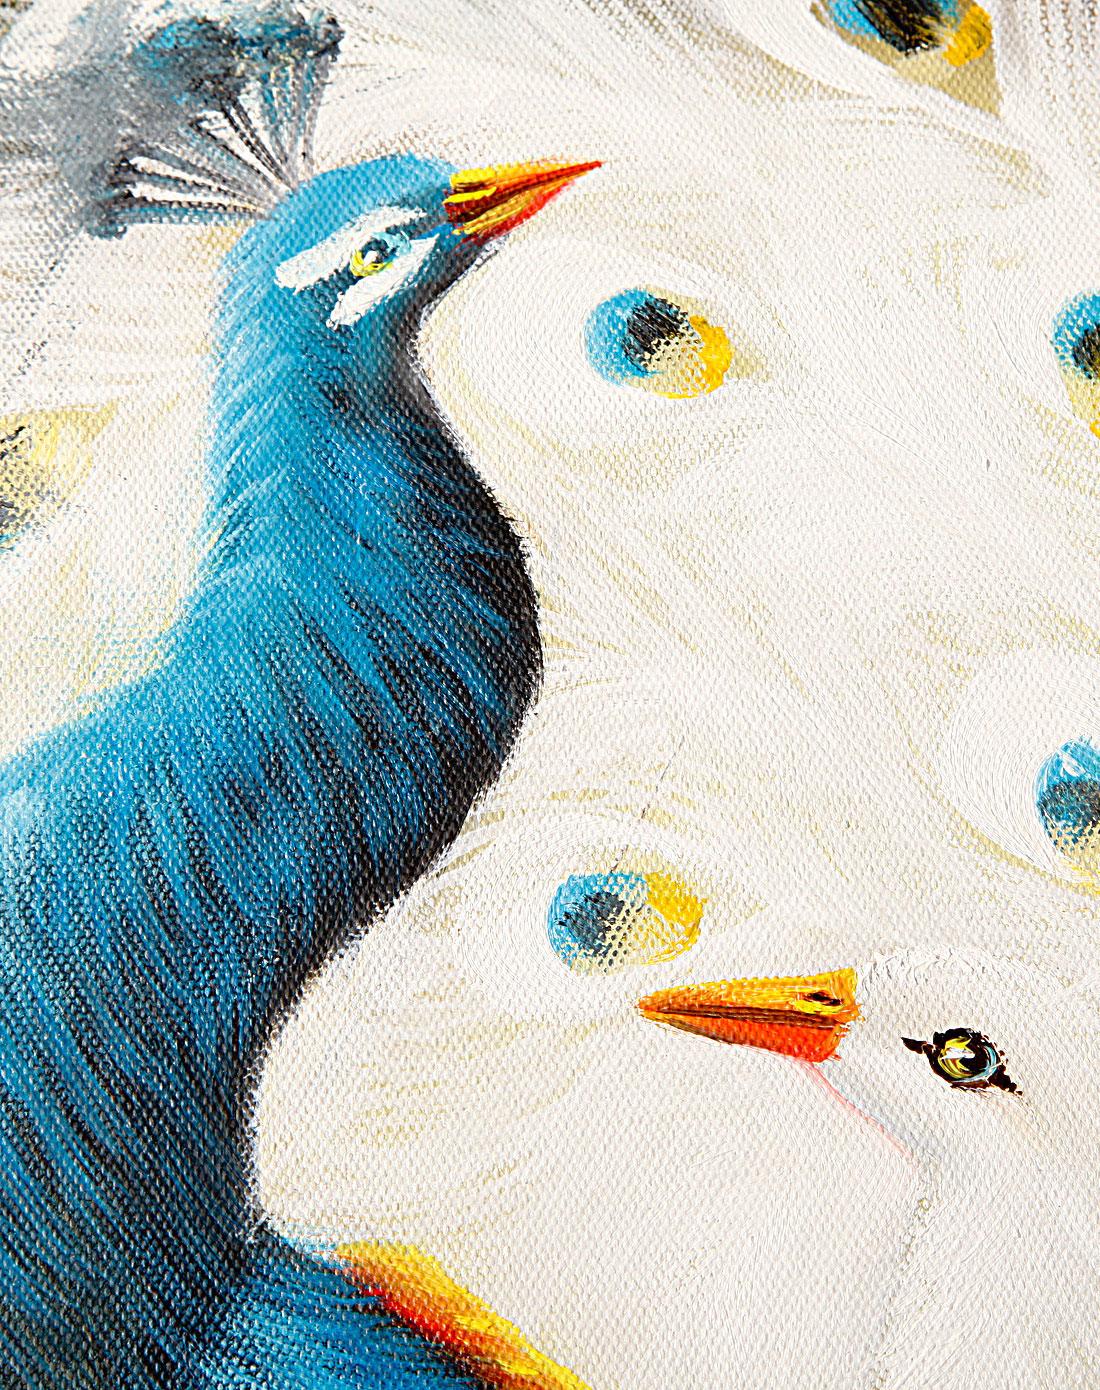 孔雀-纯手绘油画(单幅)